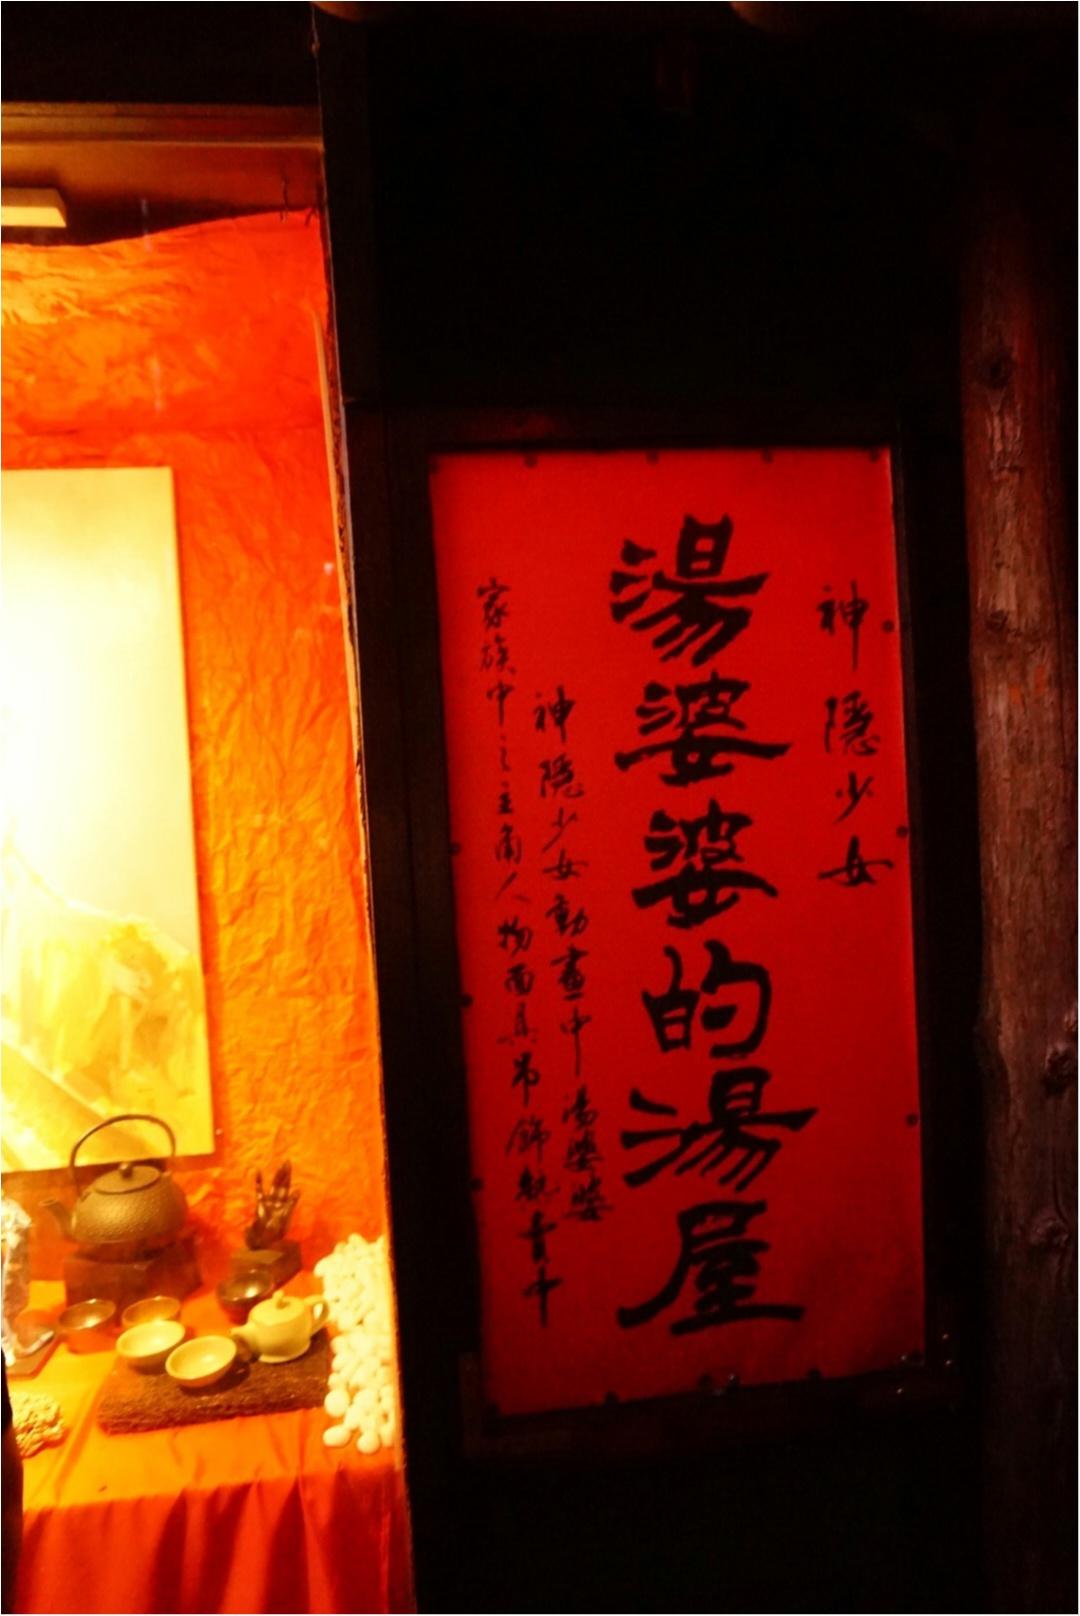 【旅行】週末台湾♡その4・あの映画のモデルの建物も!台湾の超人気スポット徹底レポ_12